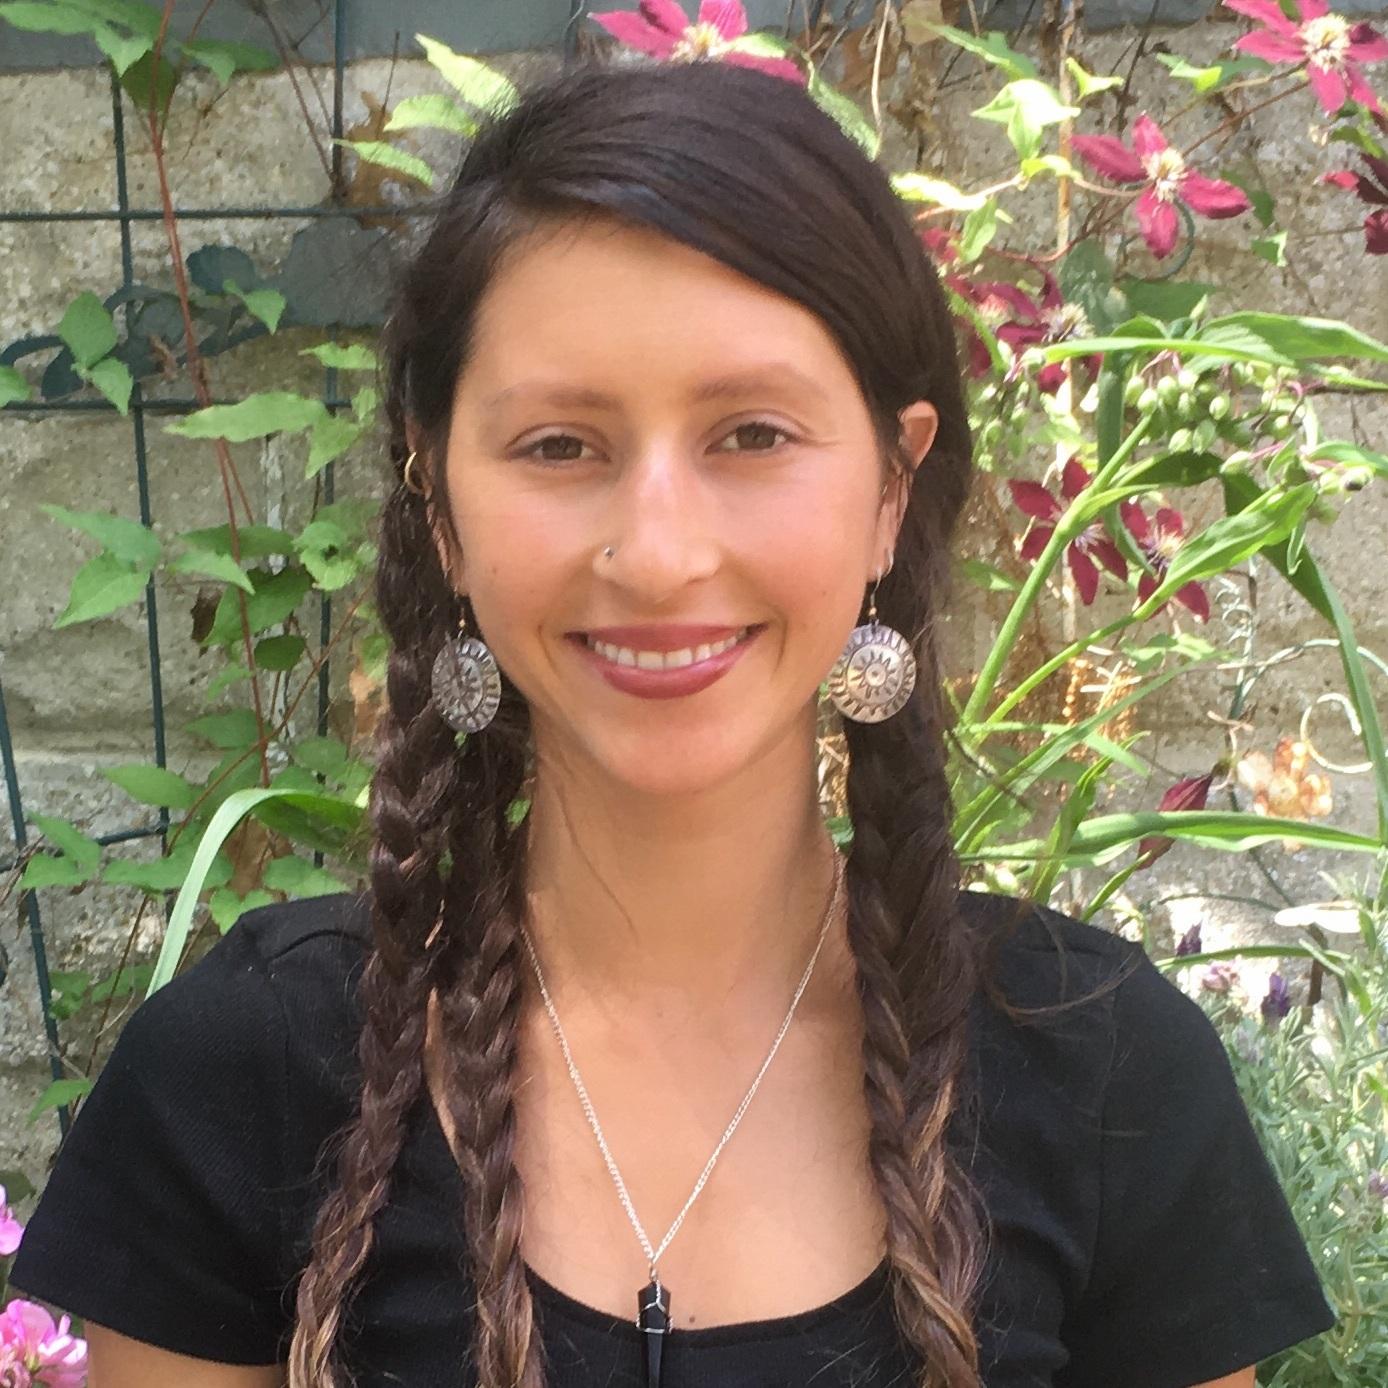 Aniela Iannarino